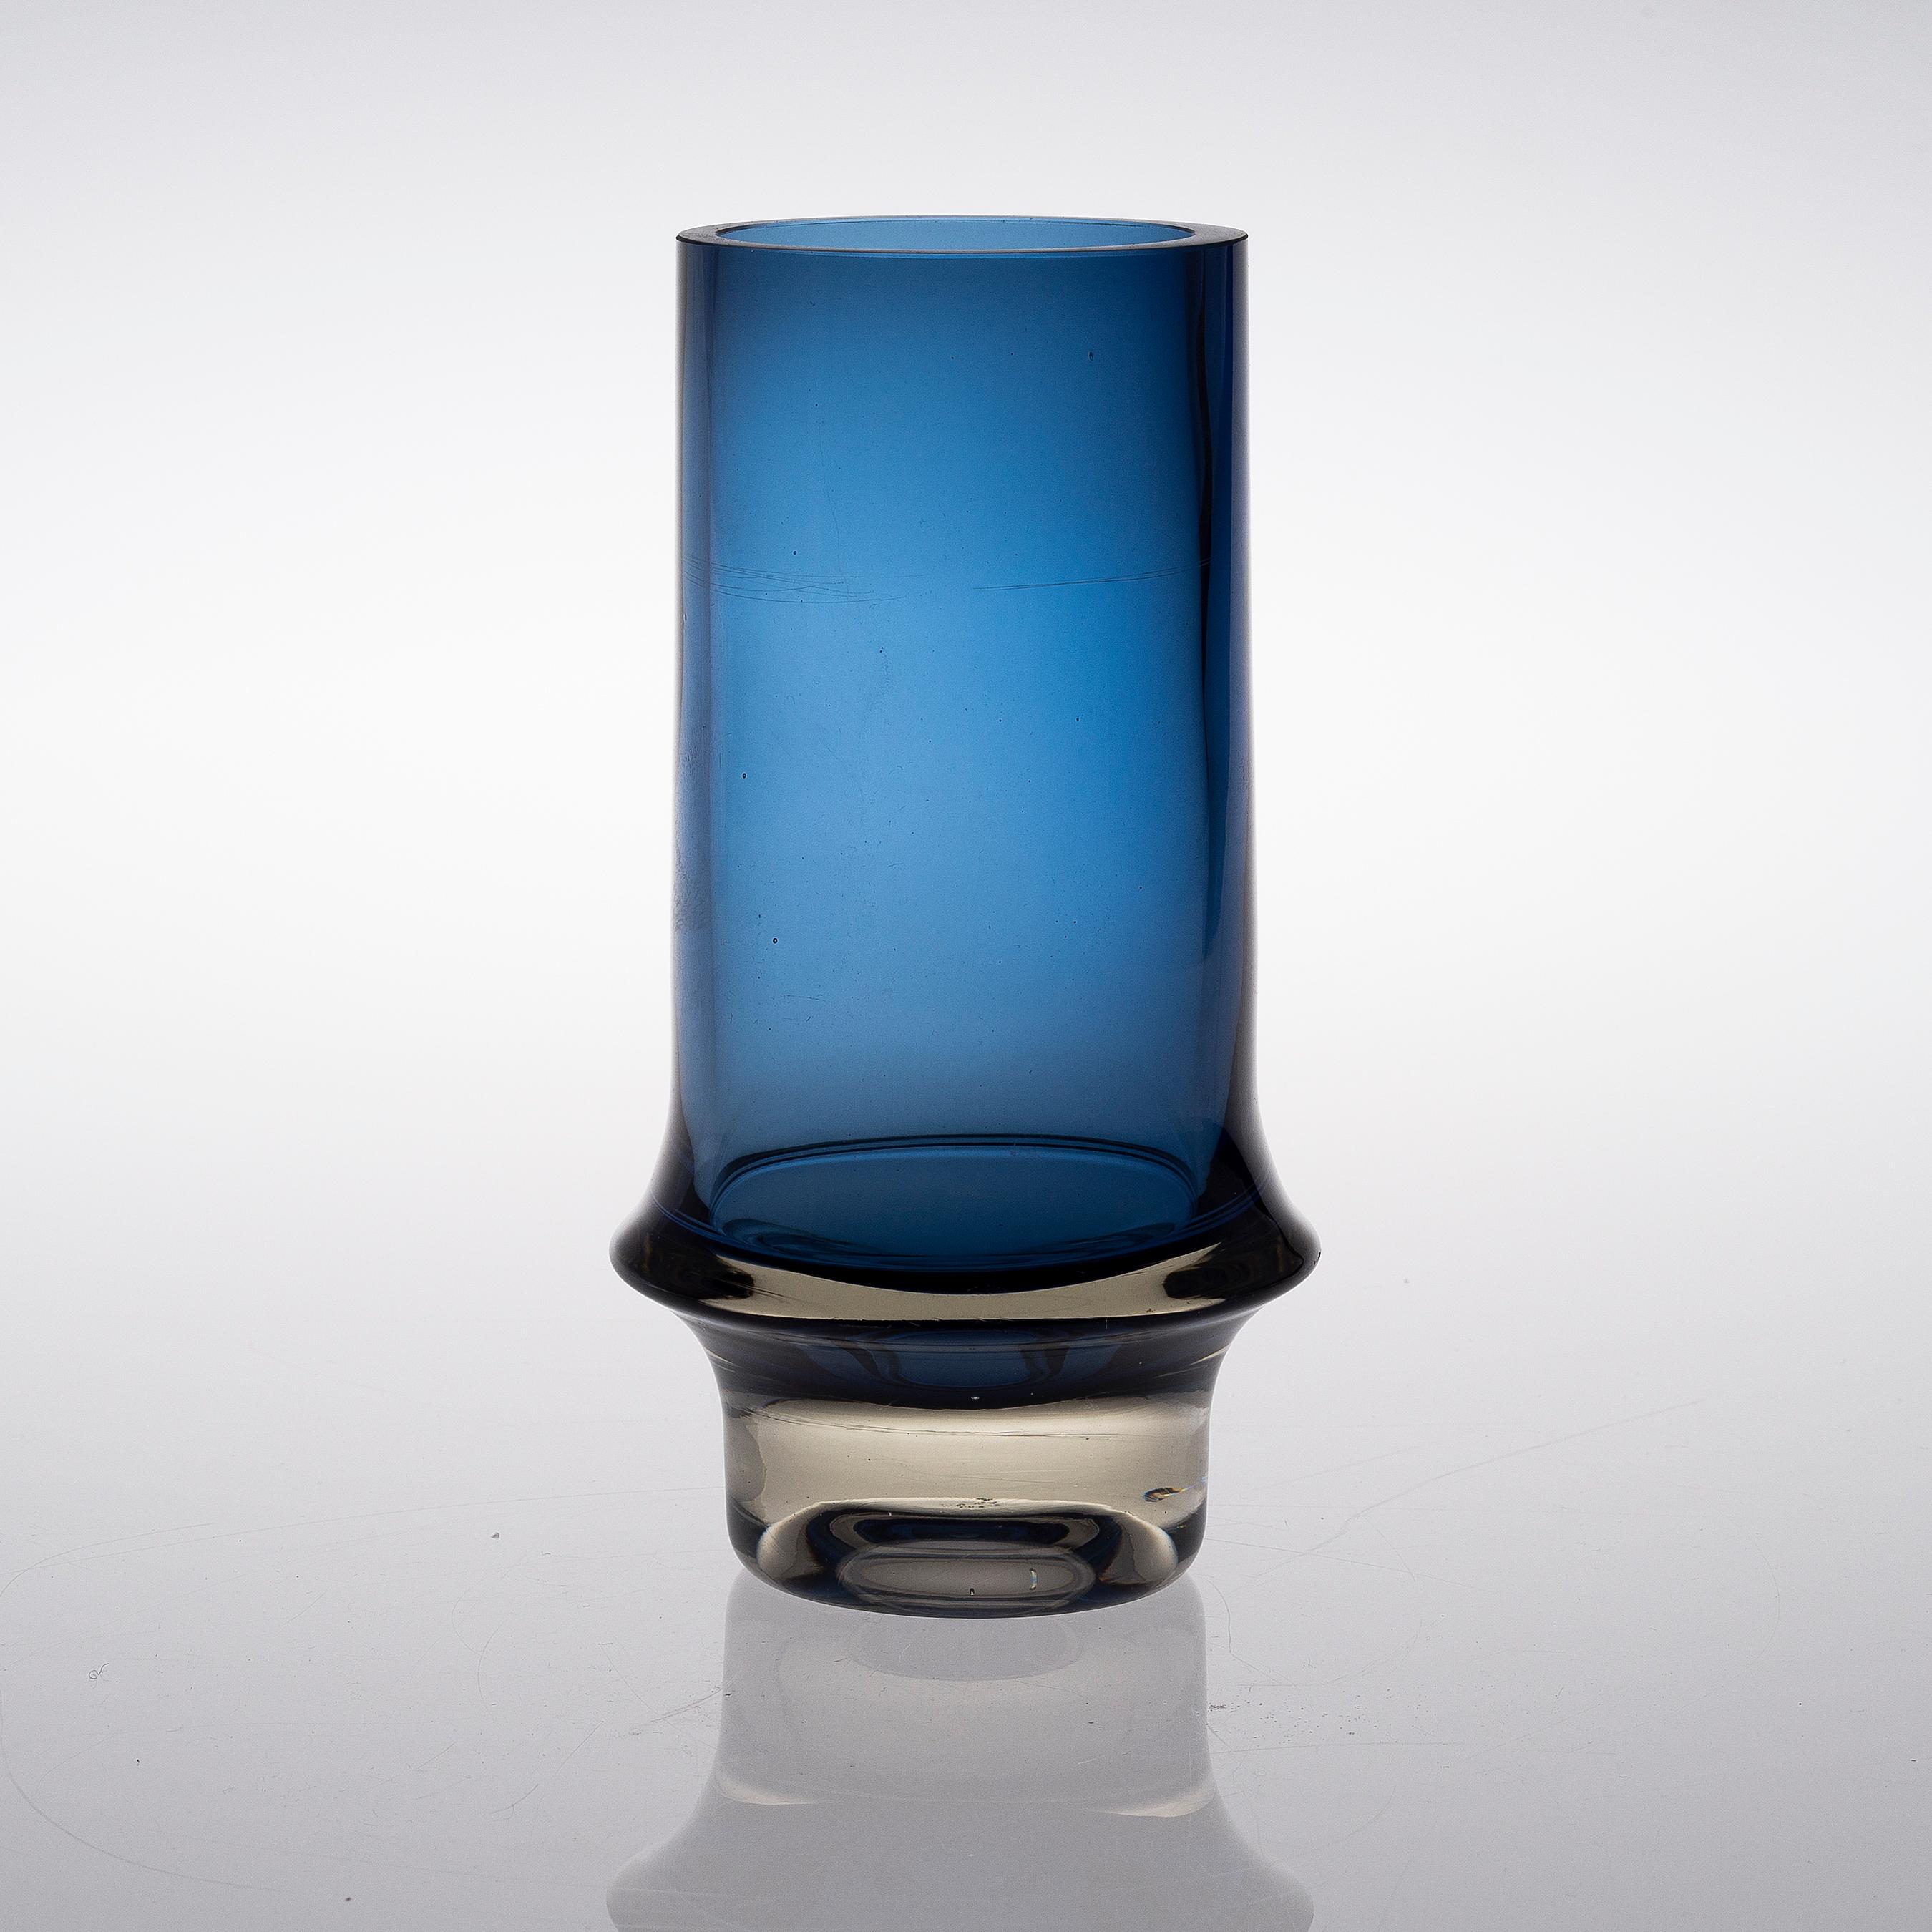 tapio wirkkala vas glas signerad tapio wirkkala 3581. Black Bedroom Furniture Sets. Home Design Ideas